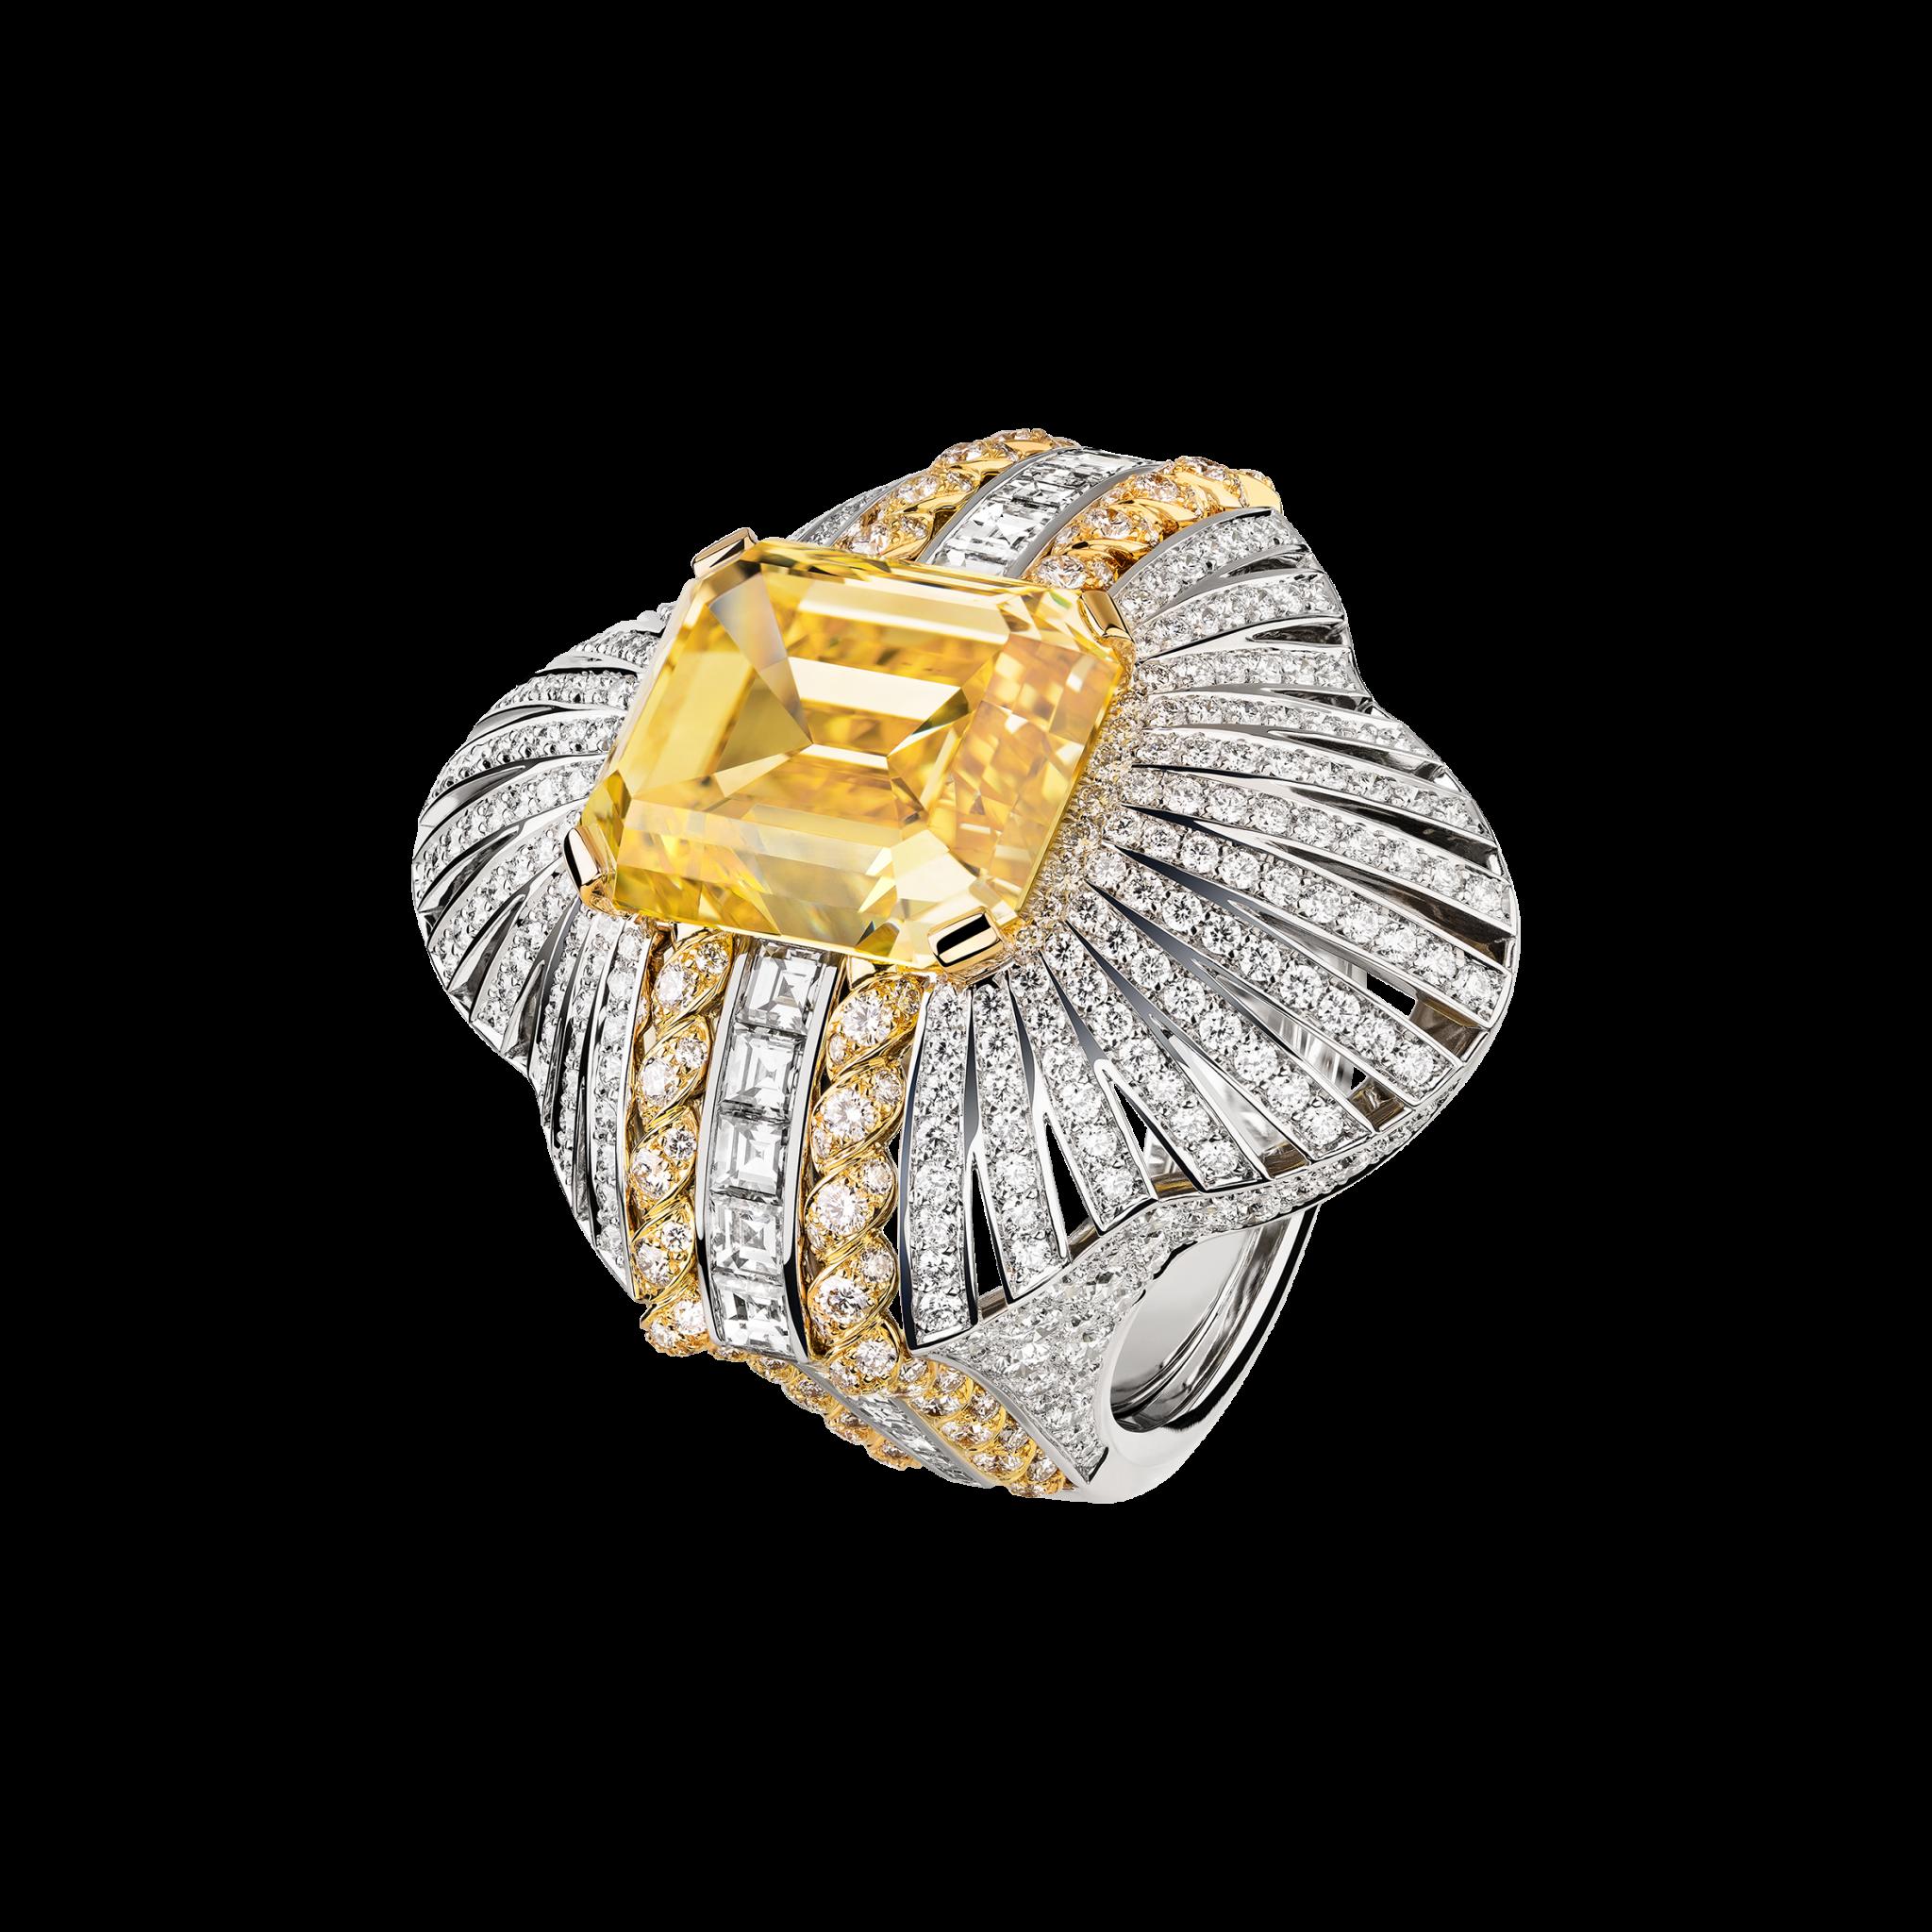 Médaille Solaire bague CHANEL Esprit de Gabrielle espritdegabrielle.com